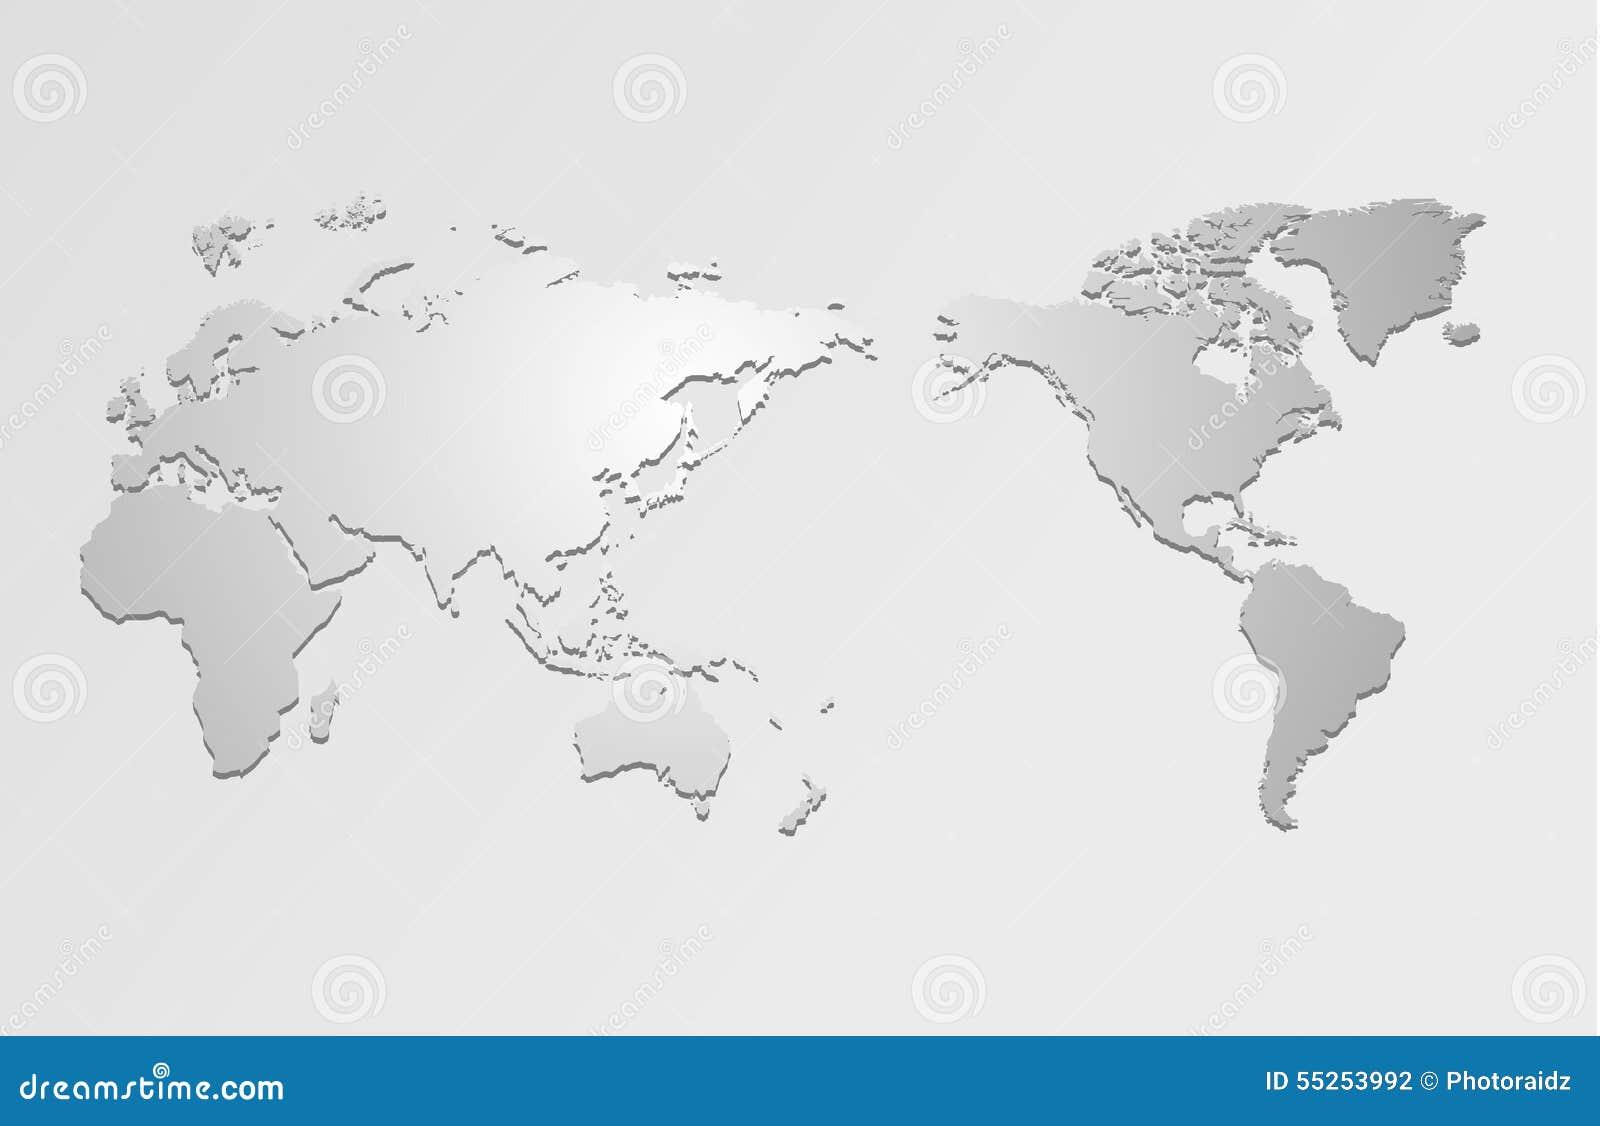 世界地图和指南针,例证.